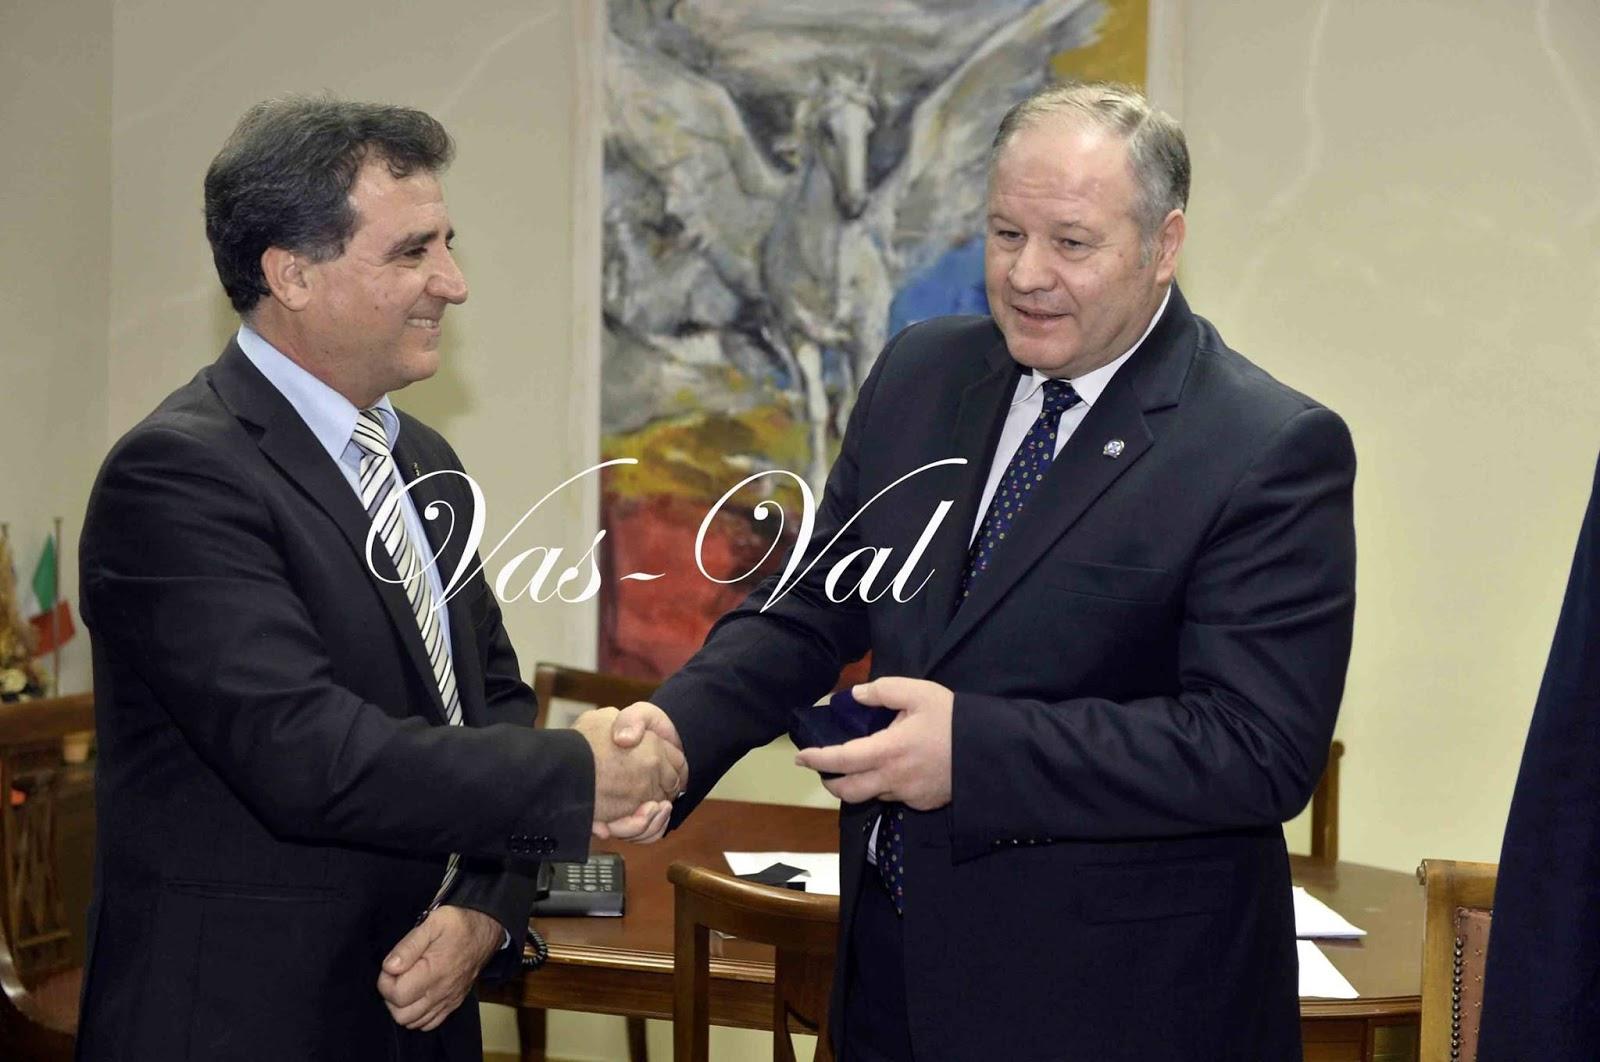 Αποτέλεσμα εικόνας για αρχηγός της Ελληνικής Αστυνομίας ΣΤΗΝ ΚΌΡΙΝΘΟ